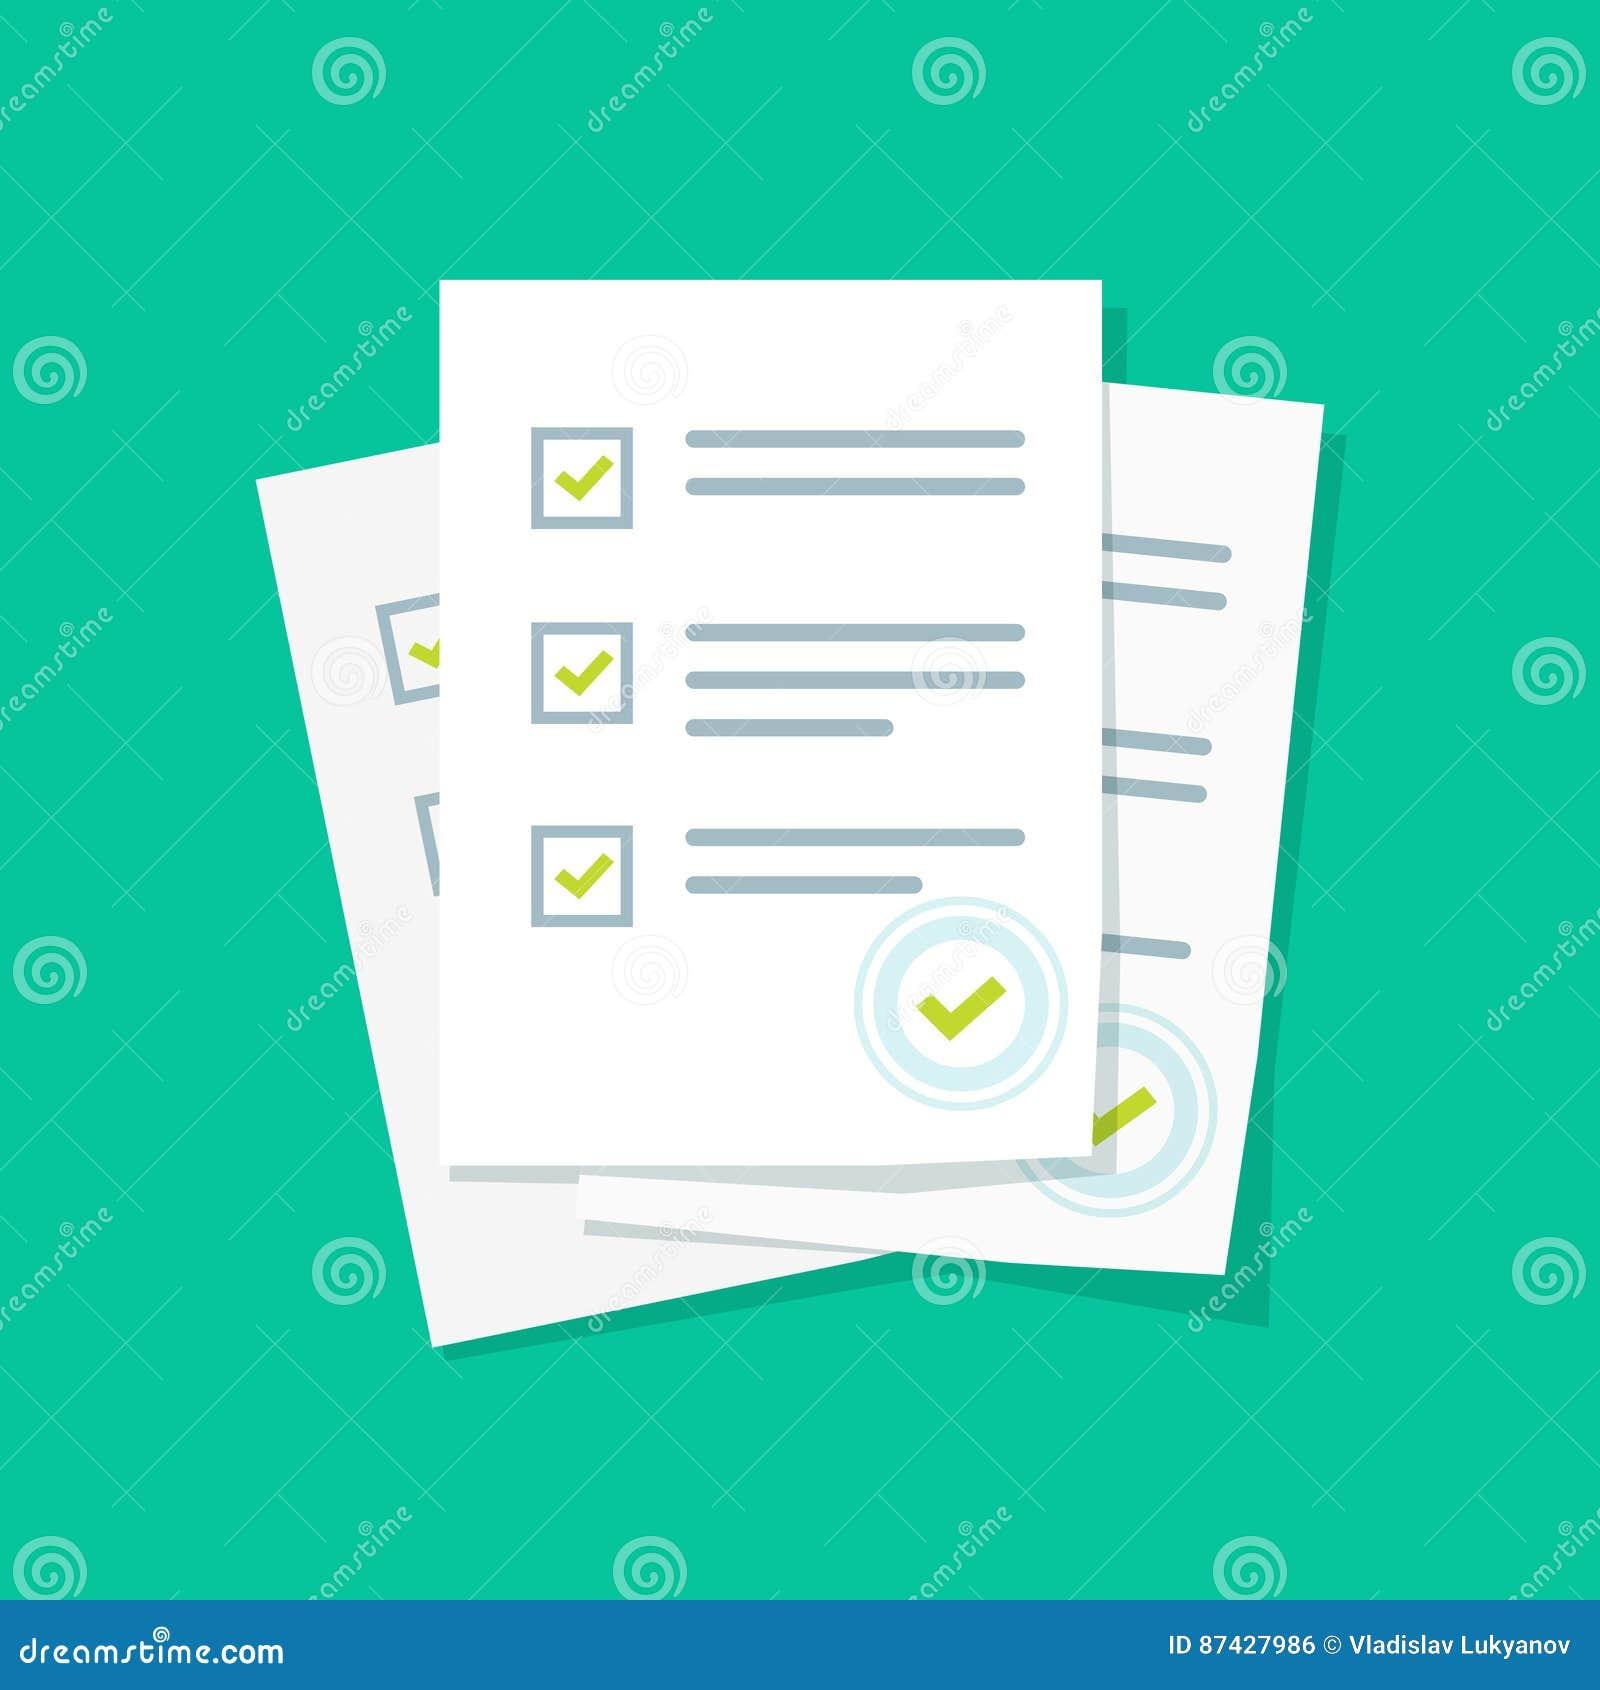 Pilha de folhas do papel do formulário da avaliação ou do exame com avaliação respondida da lista de verificação do questionário